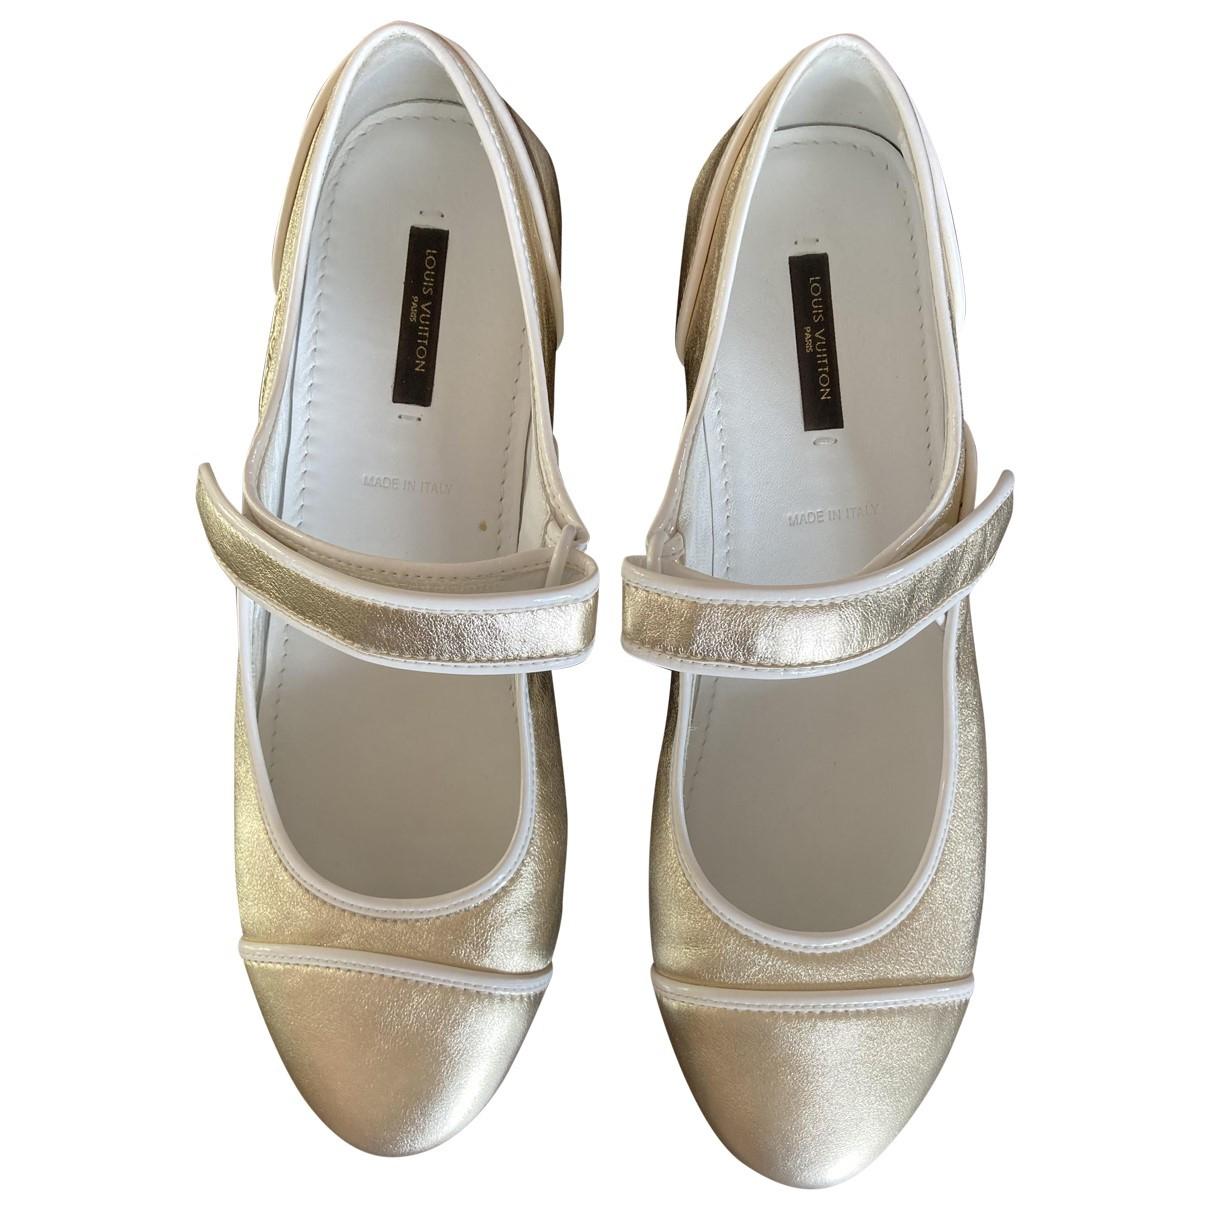 Louis Vuitton - Ballerines   pour femme en cuir verni - dore